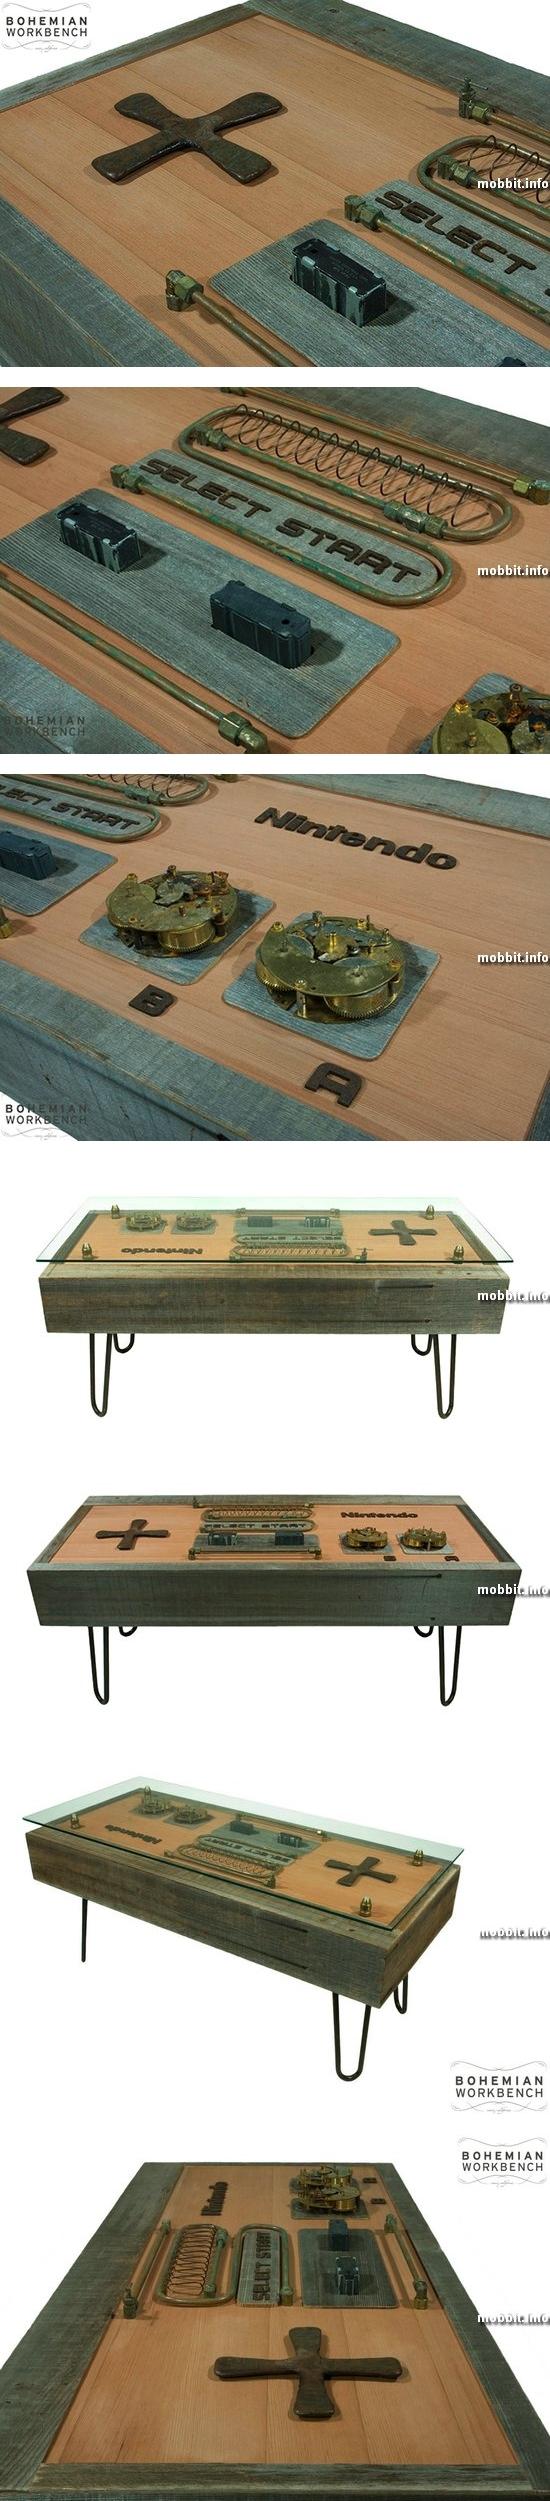 Журнальный столик в виде контроллера Nintendo в стимпанк-стиле